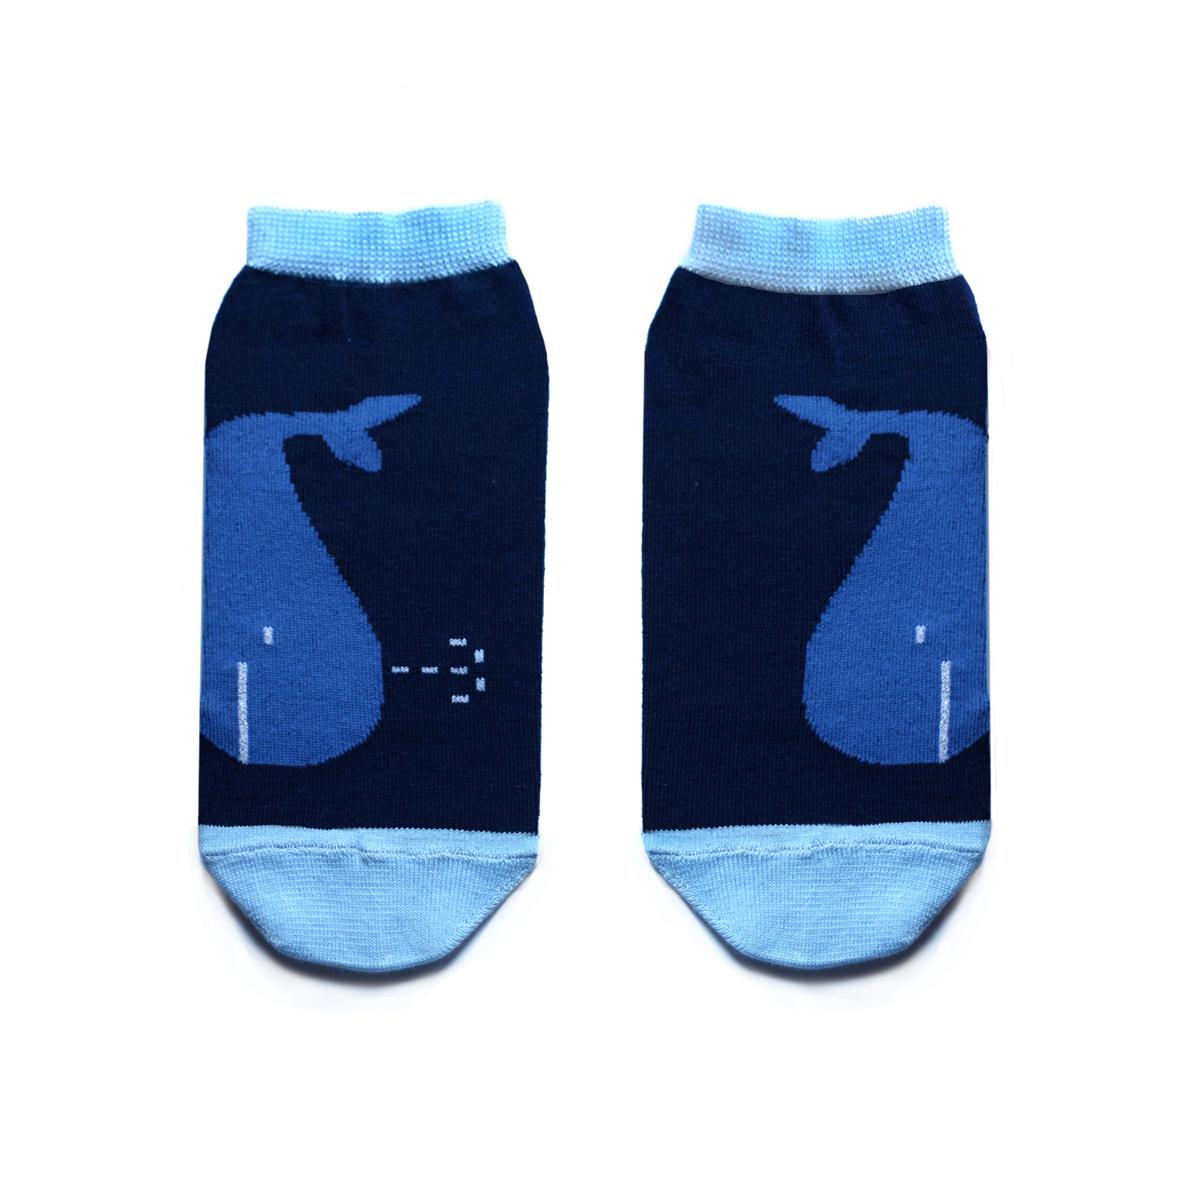 Носки мужские Big Bang Socks, цвет: темно-синий, голубой. ca1332. Размер 40/44ca1332Укороченные мужские носки Big Bang Socks изготовлены из высококачественного хлопка с добавлением полиамидных и эластановых волокон, которые обеспечивают великолепную посадку. Носки отличаются ярким стильным дизайном, они оформлены изображением китов. Удобная резинка идеально облегает ногу и не пережимает сосуды, а усиленные пятка и мысок повышают износоустойчивость носка. Дизайнерские носки Big Bang Socks - яркая деталь в вашем образе и оригинальный подарок для друзей и близких.